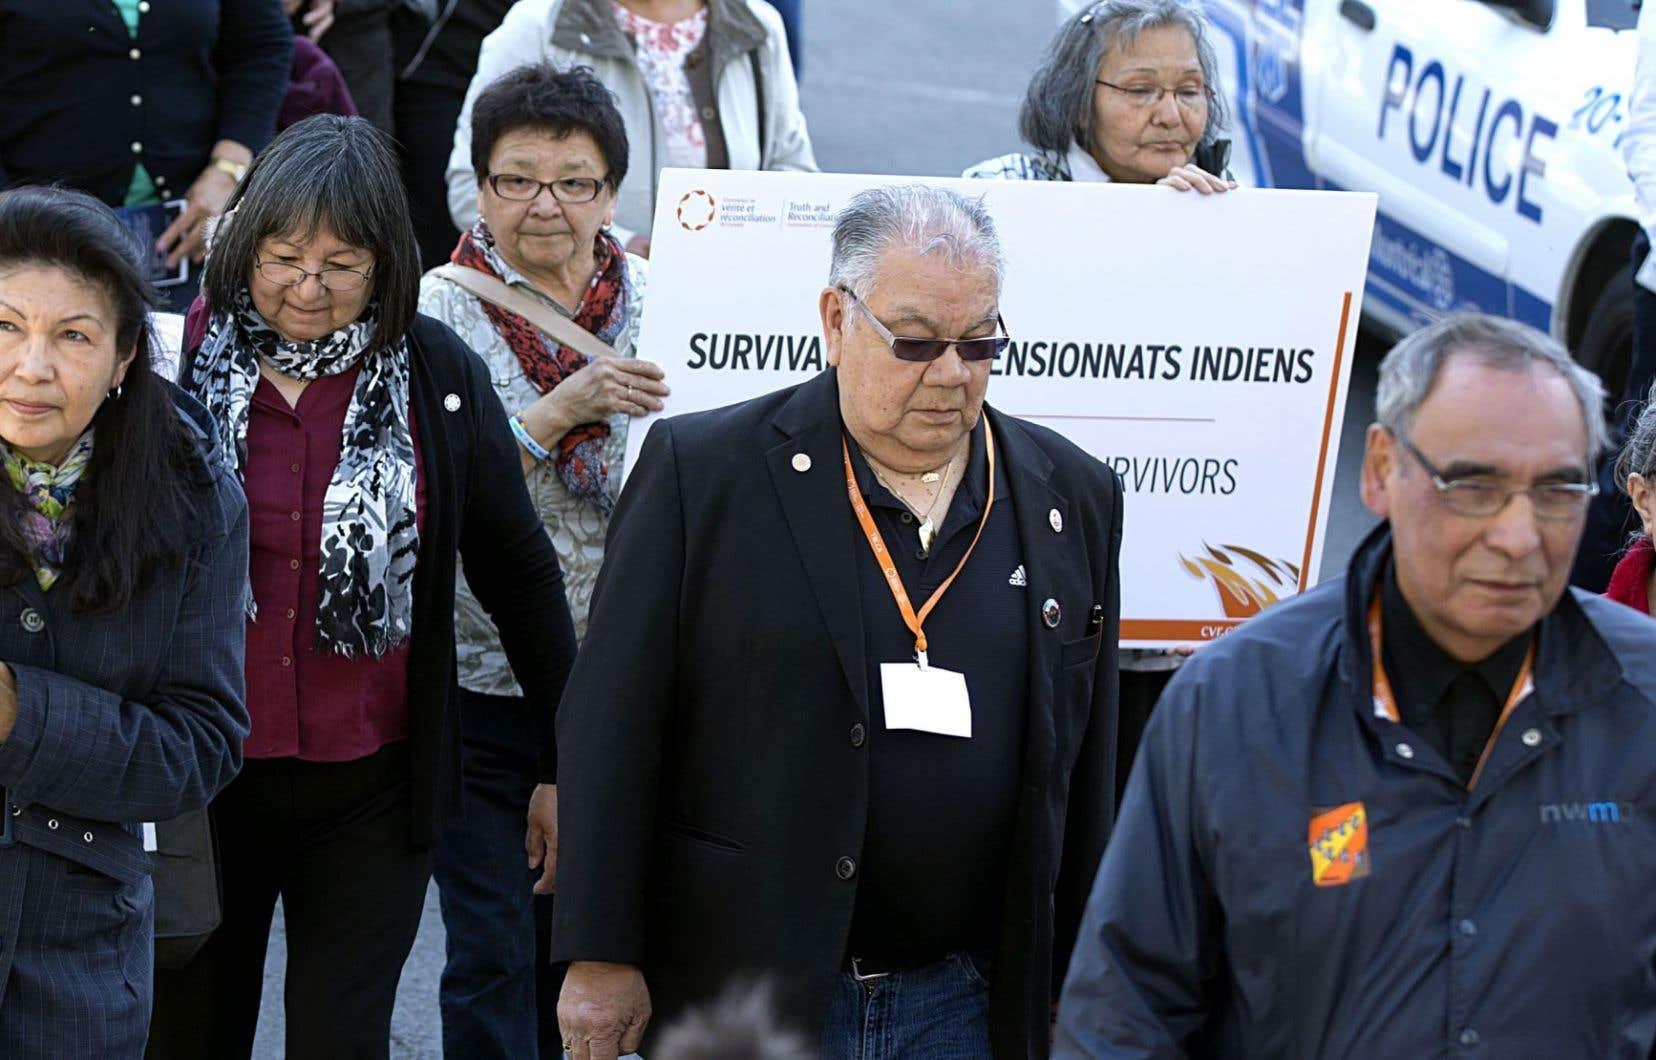 Un regroupement de survivants des pensionnats en marge des audiences publiques de la Commission de vérité et réconciliation, en 2013